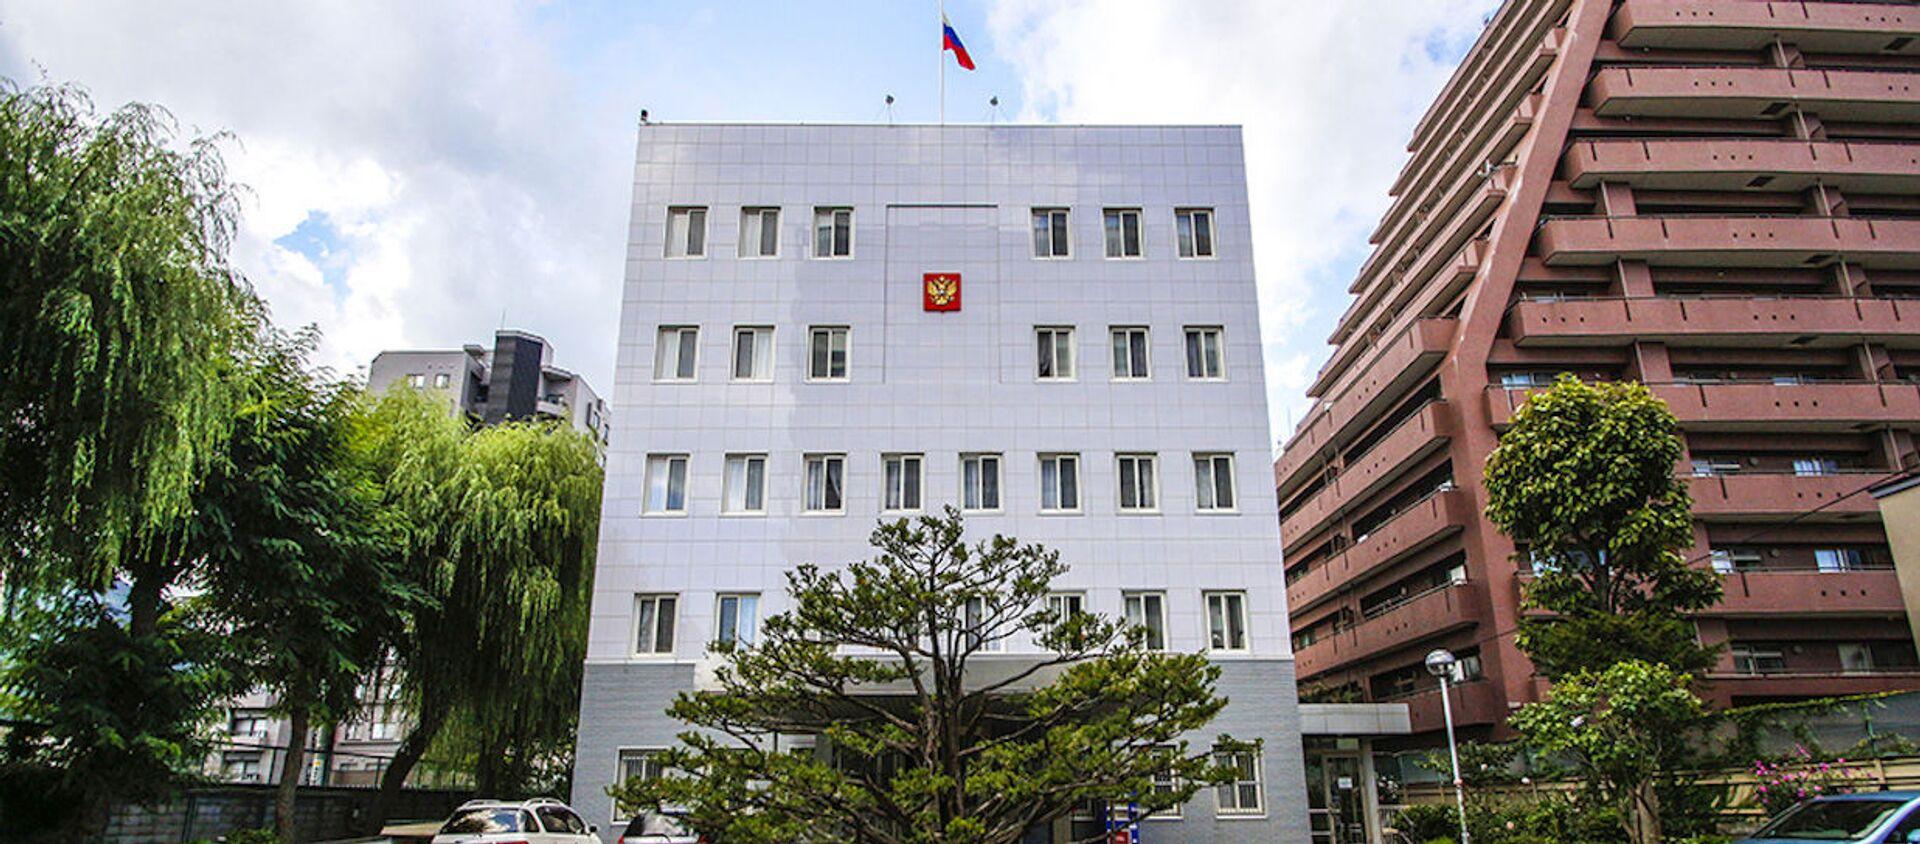 Tòa nhà Tổng lãnh sự quán Nga tại Sapporo, Nhật Bản. - Sputnik Việt Nam, 1920, 02.06.2021